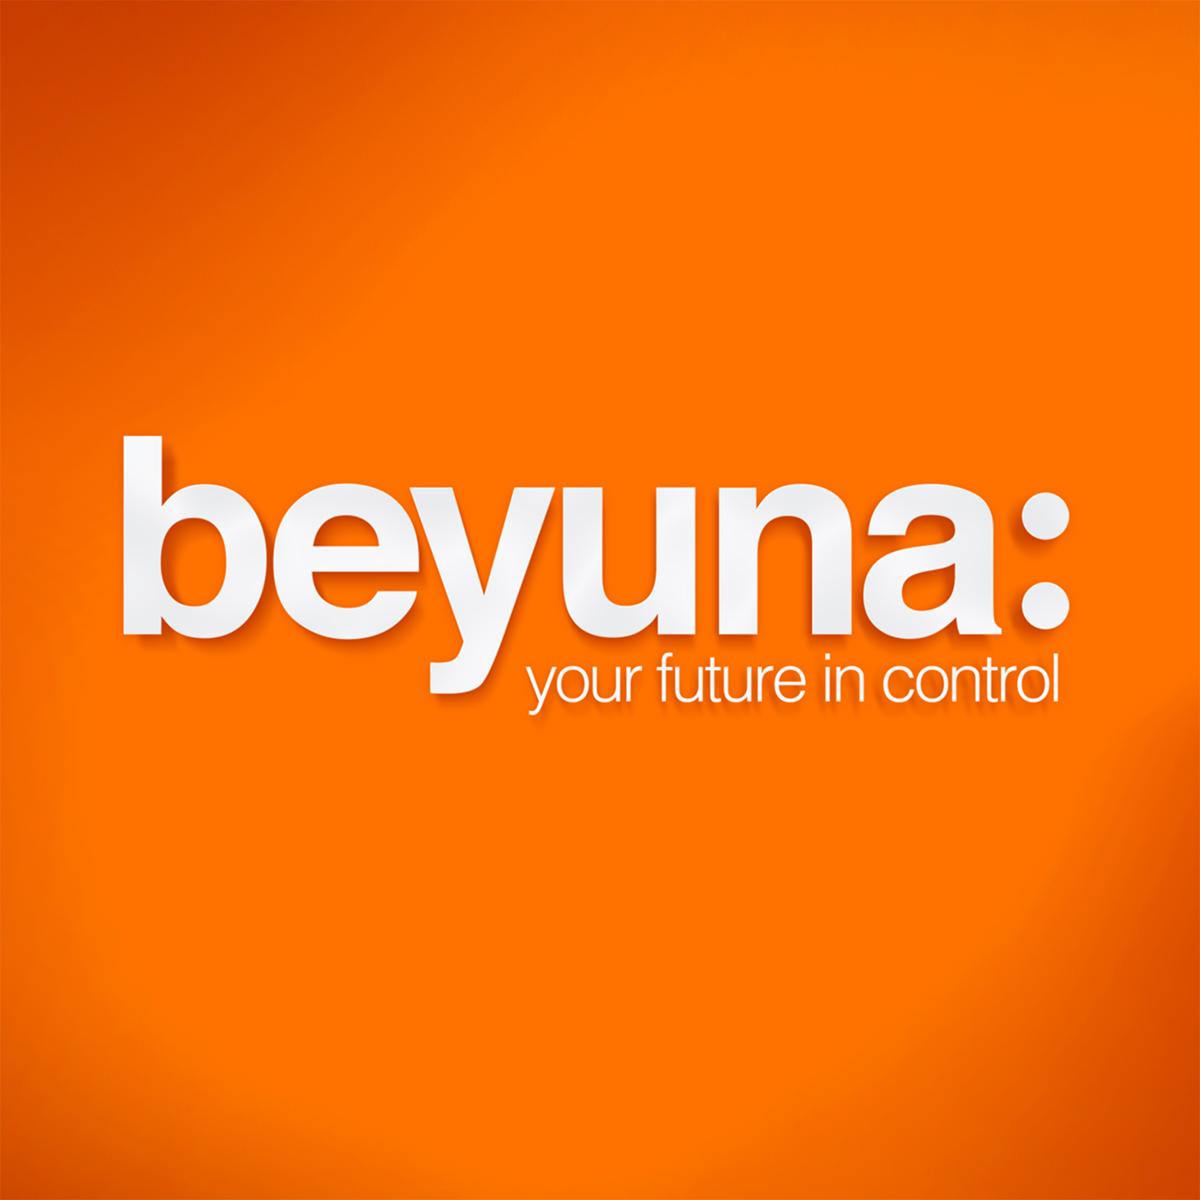 Beyuna-logo-shadow.jpg